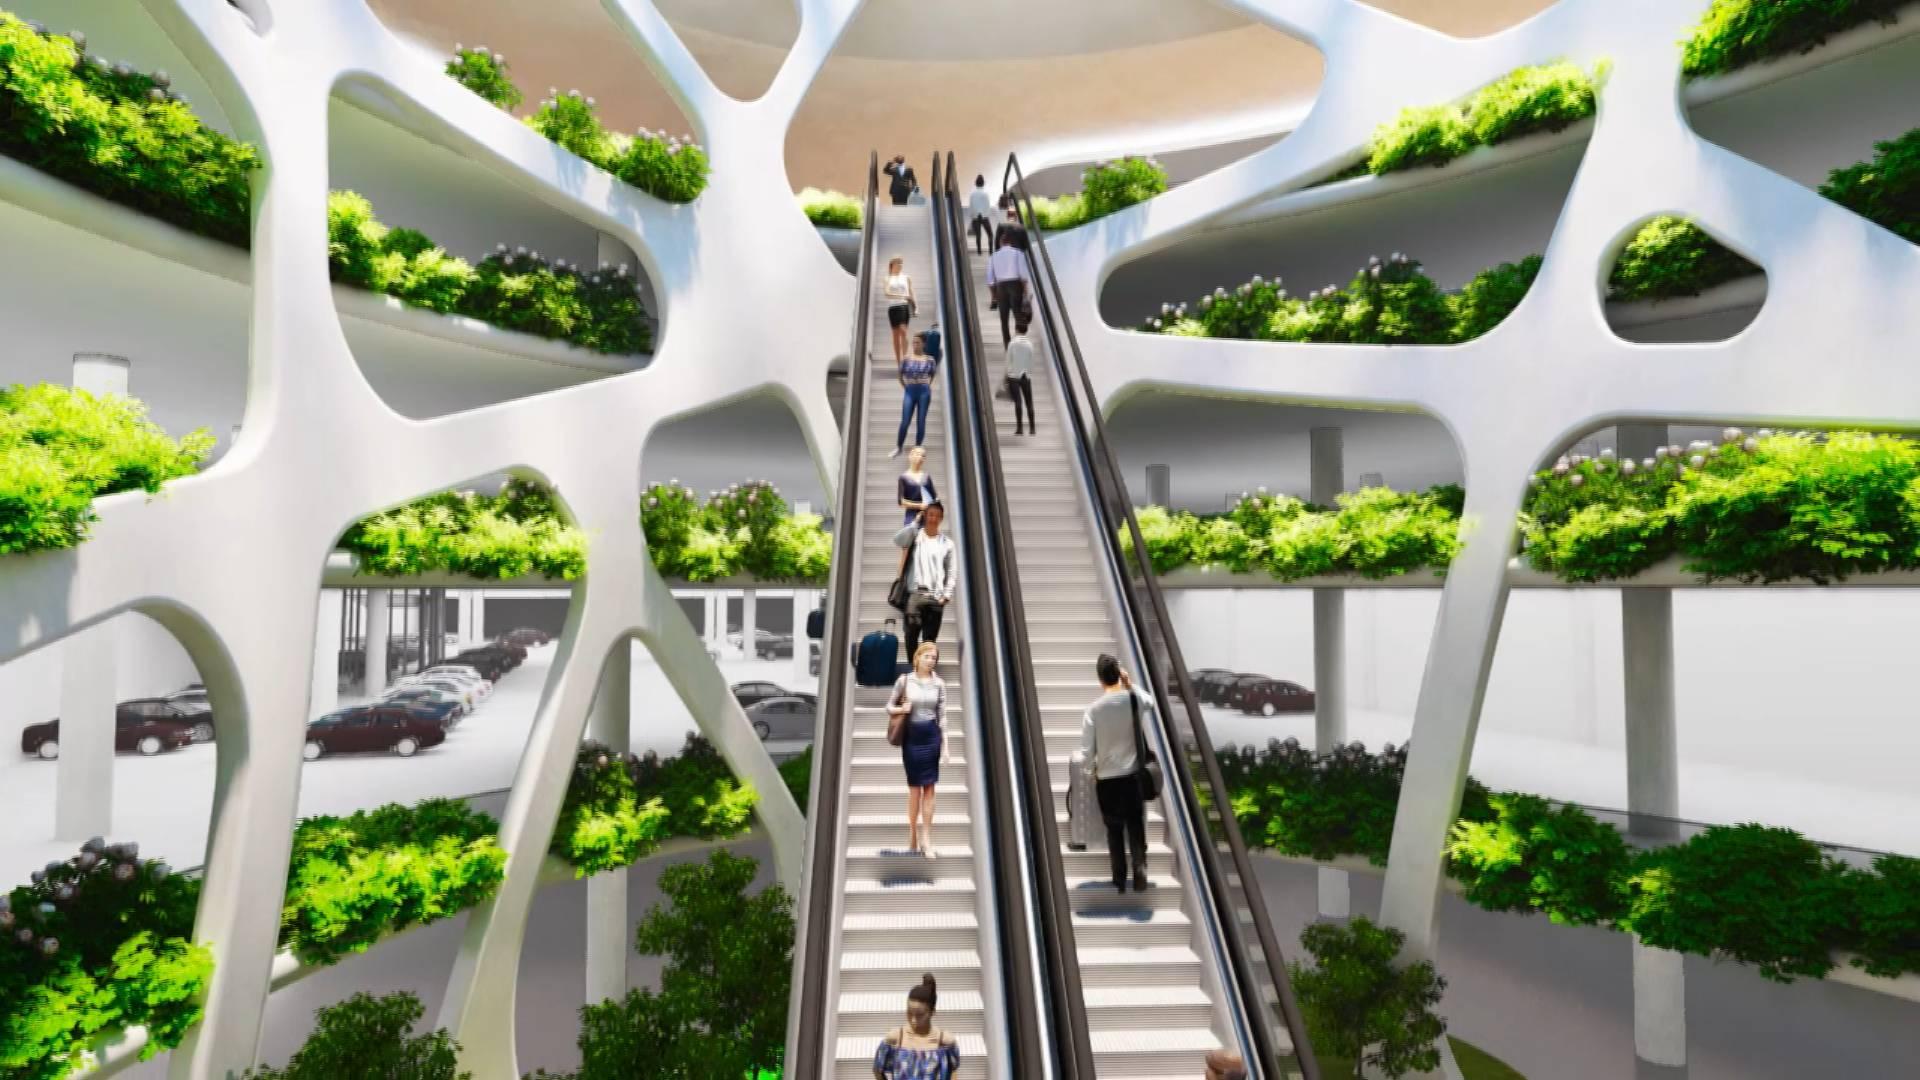 坐飞机更方便了!济南机场将建成国际航空枢纽 2030年旅客吞吐量达5000万人次